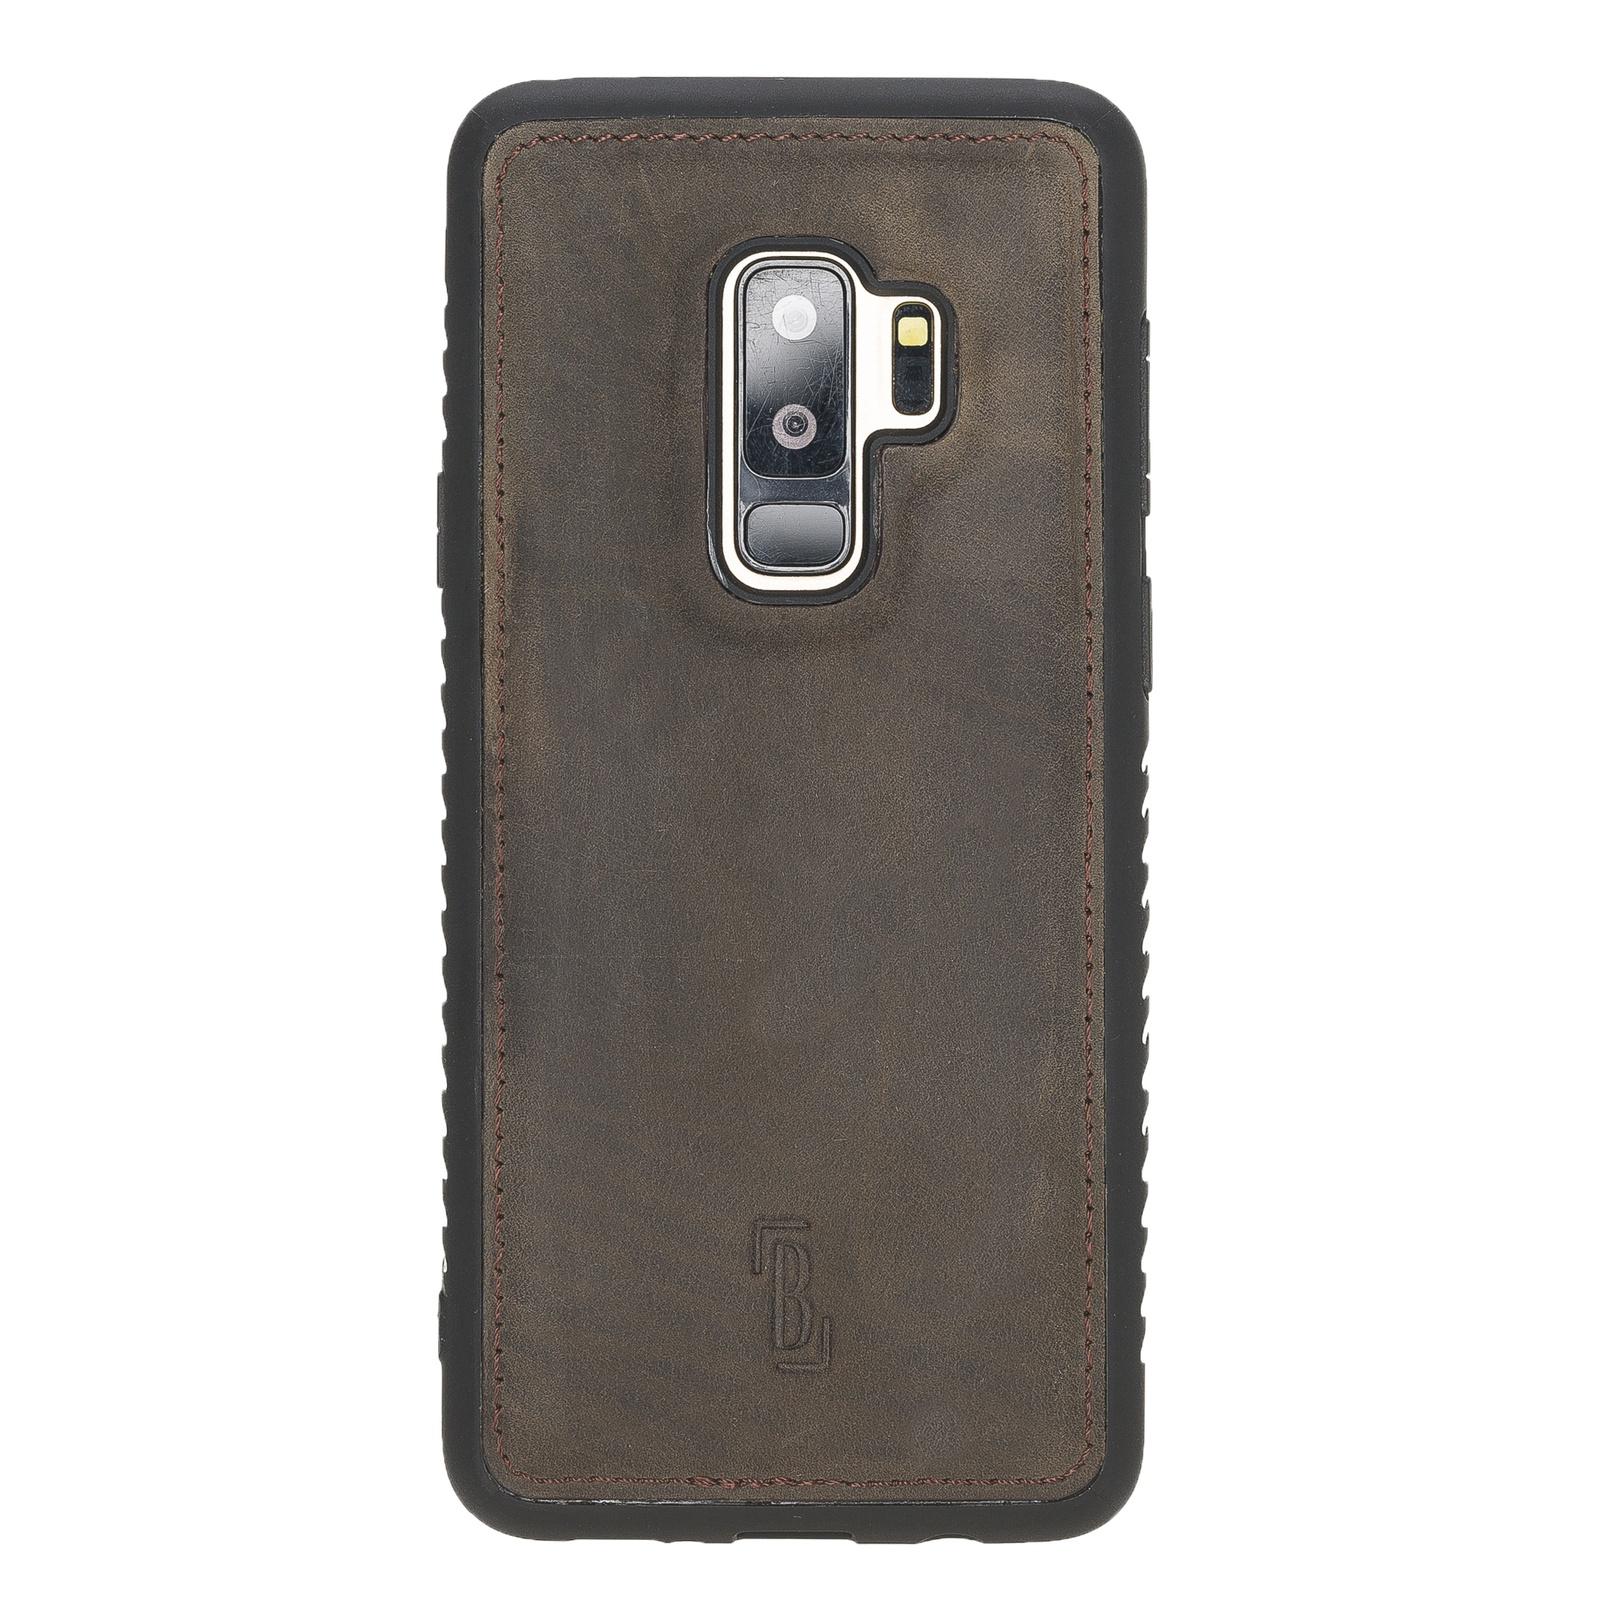 Чехол для сотового телефона Burkley для Samsung Galaxy S9 Plus FlexCover, темно-коричневый